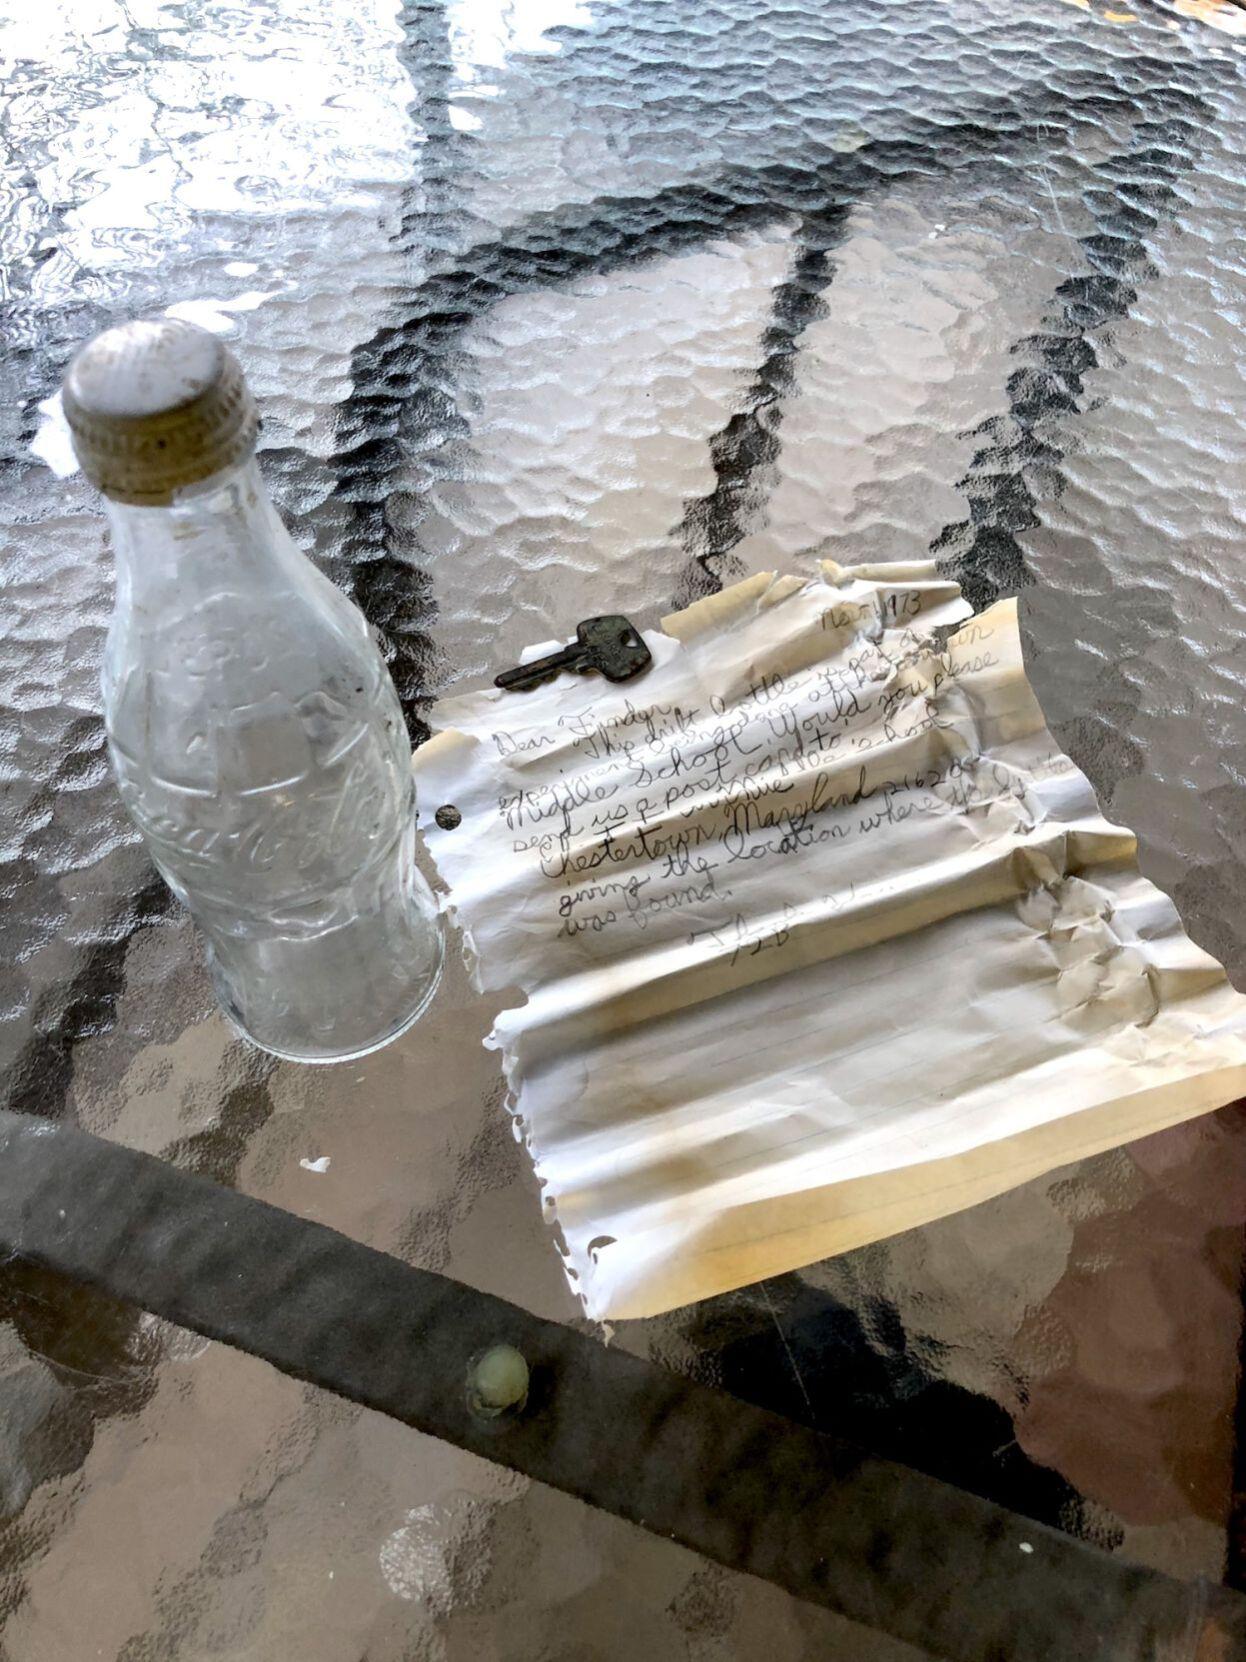 Message in a bottle found in Still Pond Creek